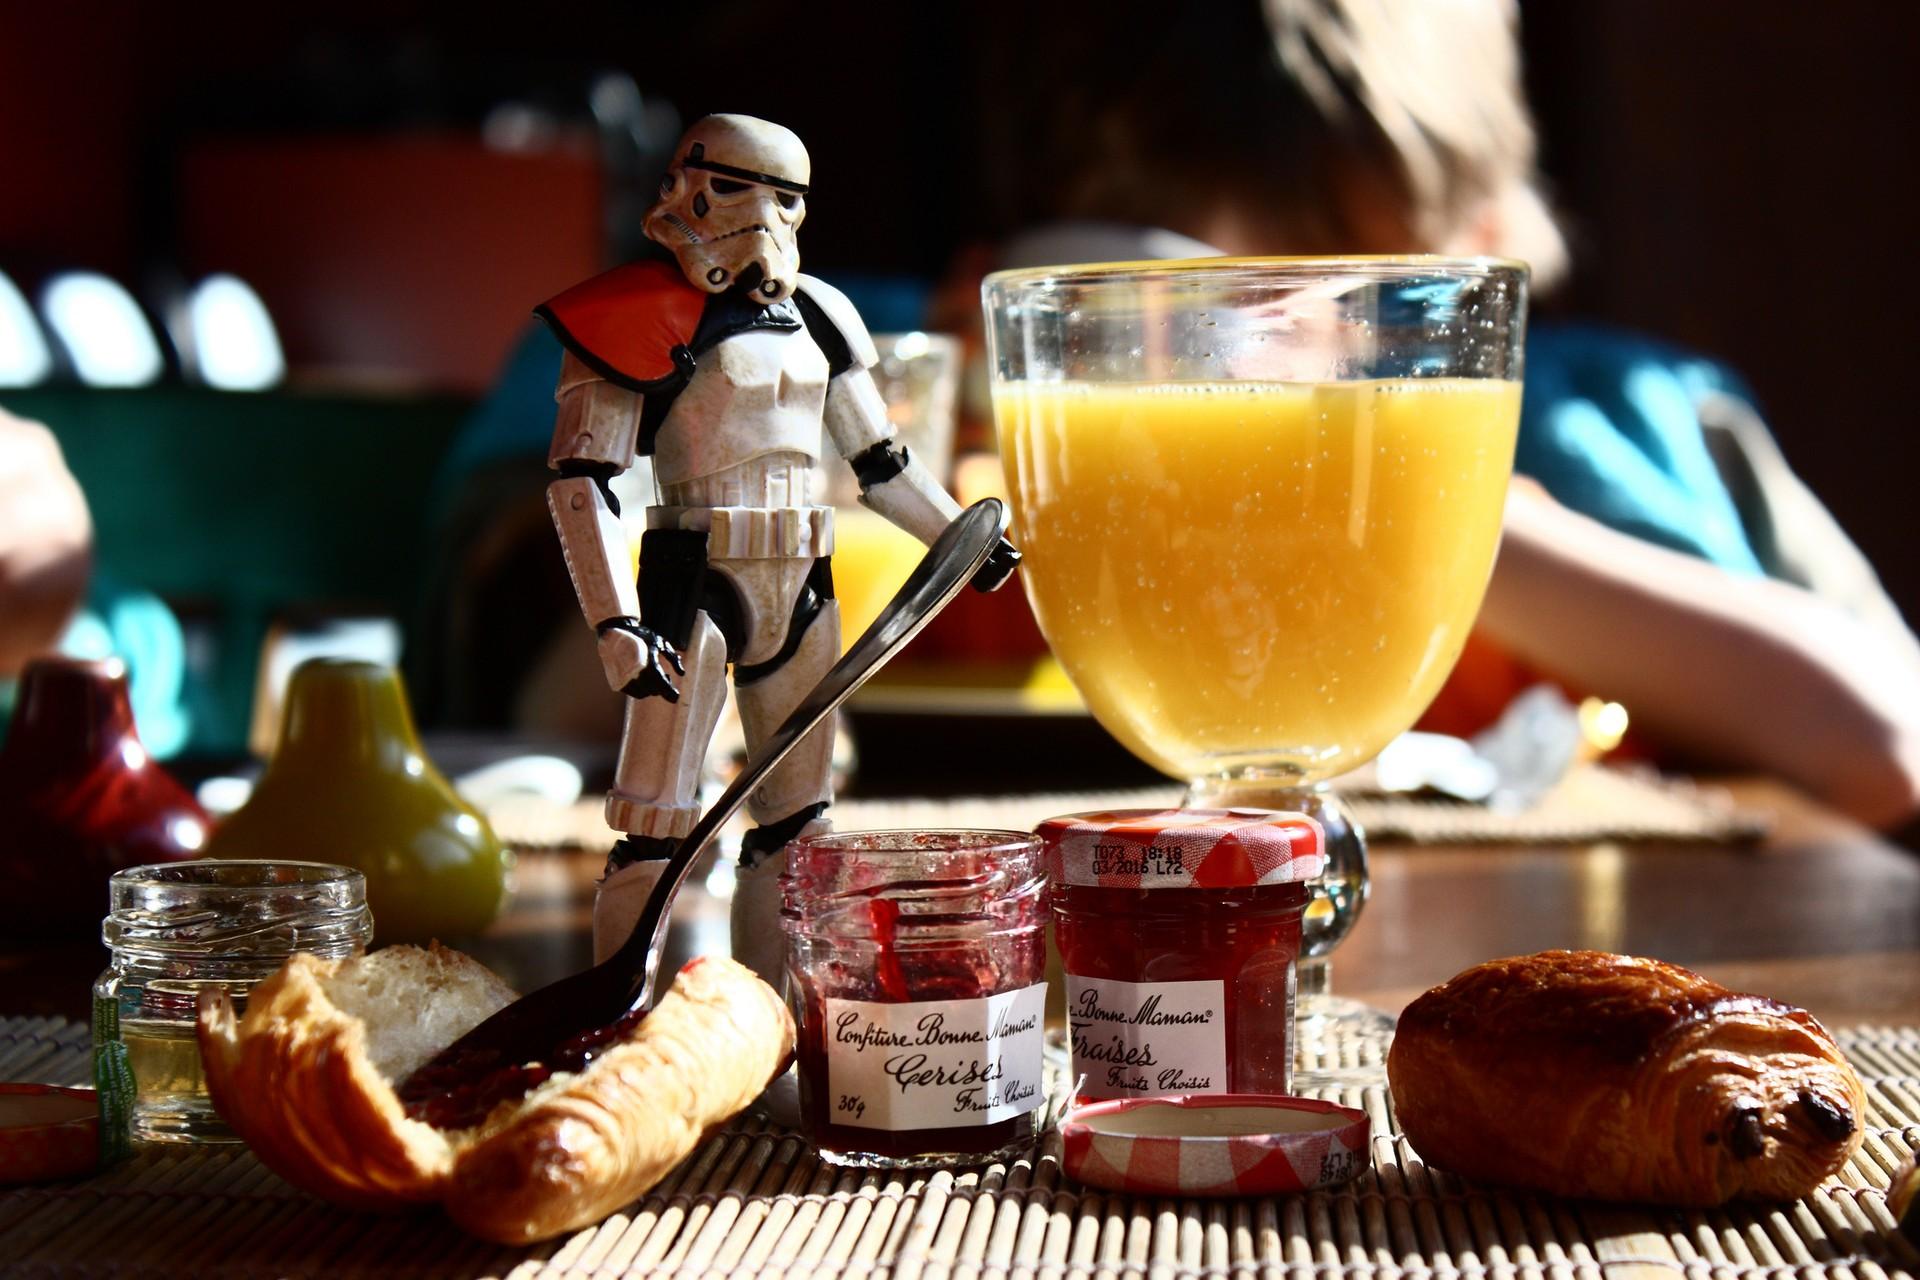 Café da manhã é a refeição mais importante do dia?